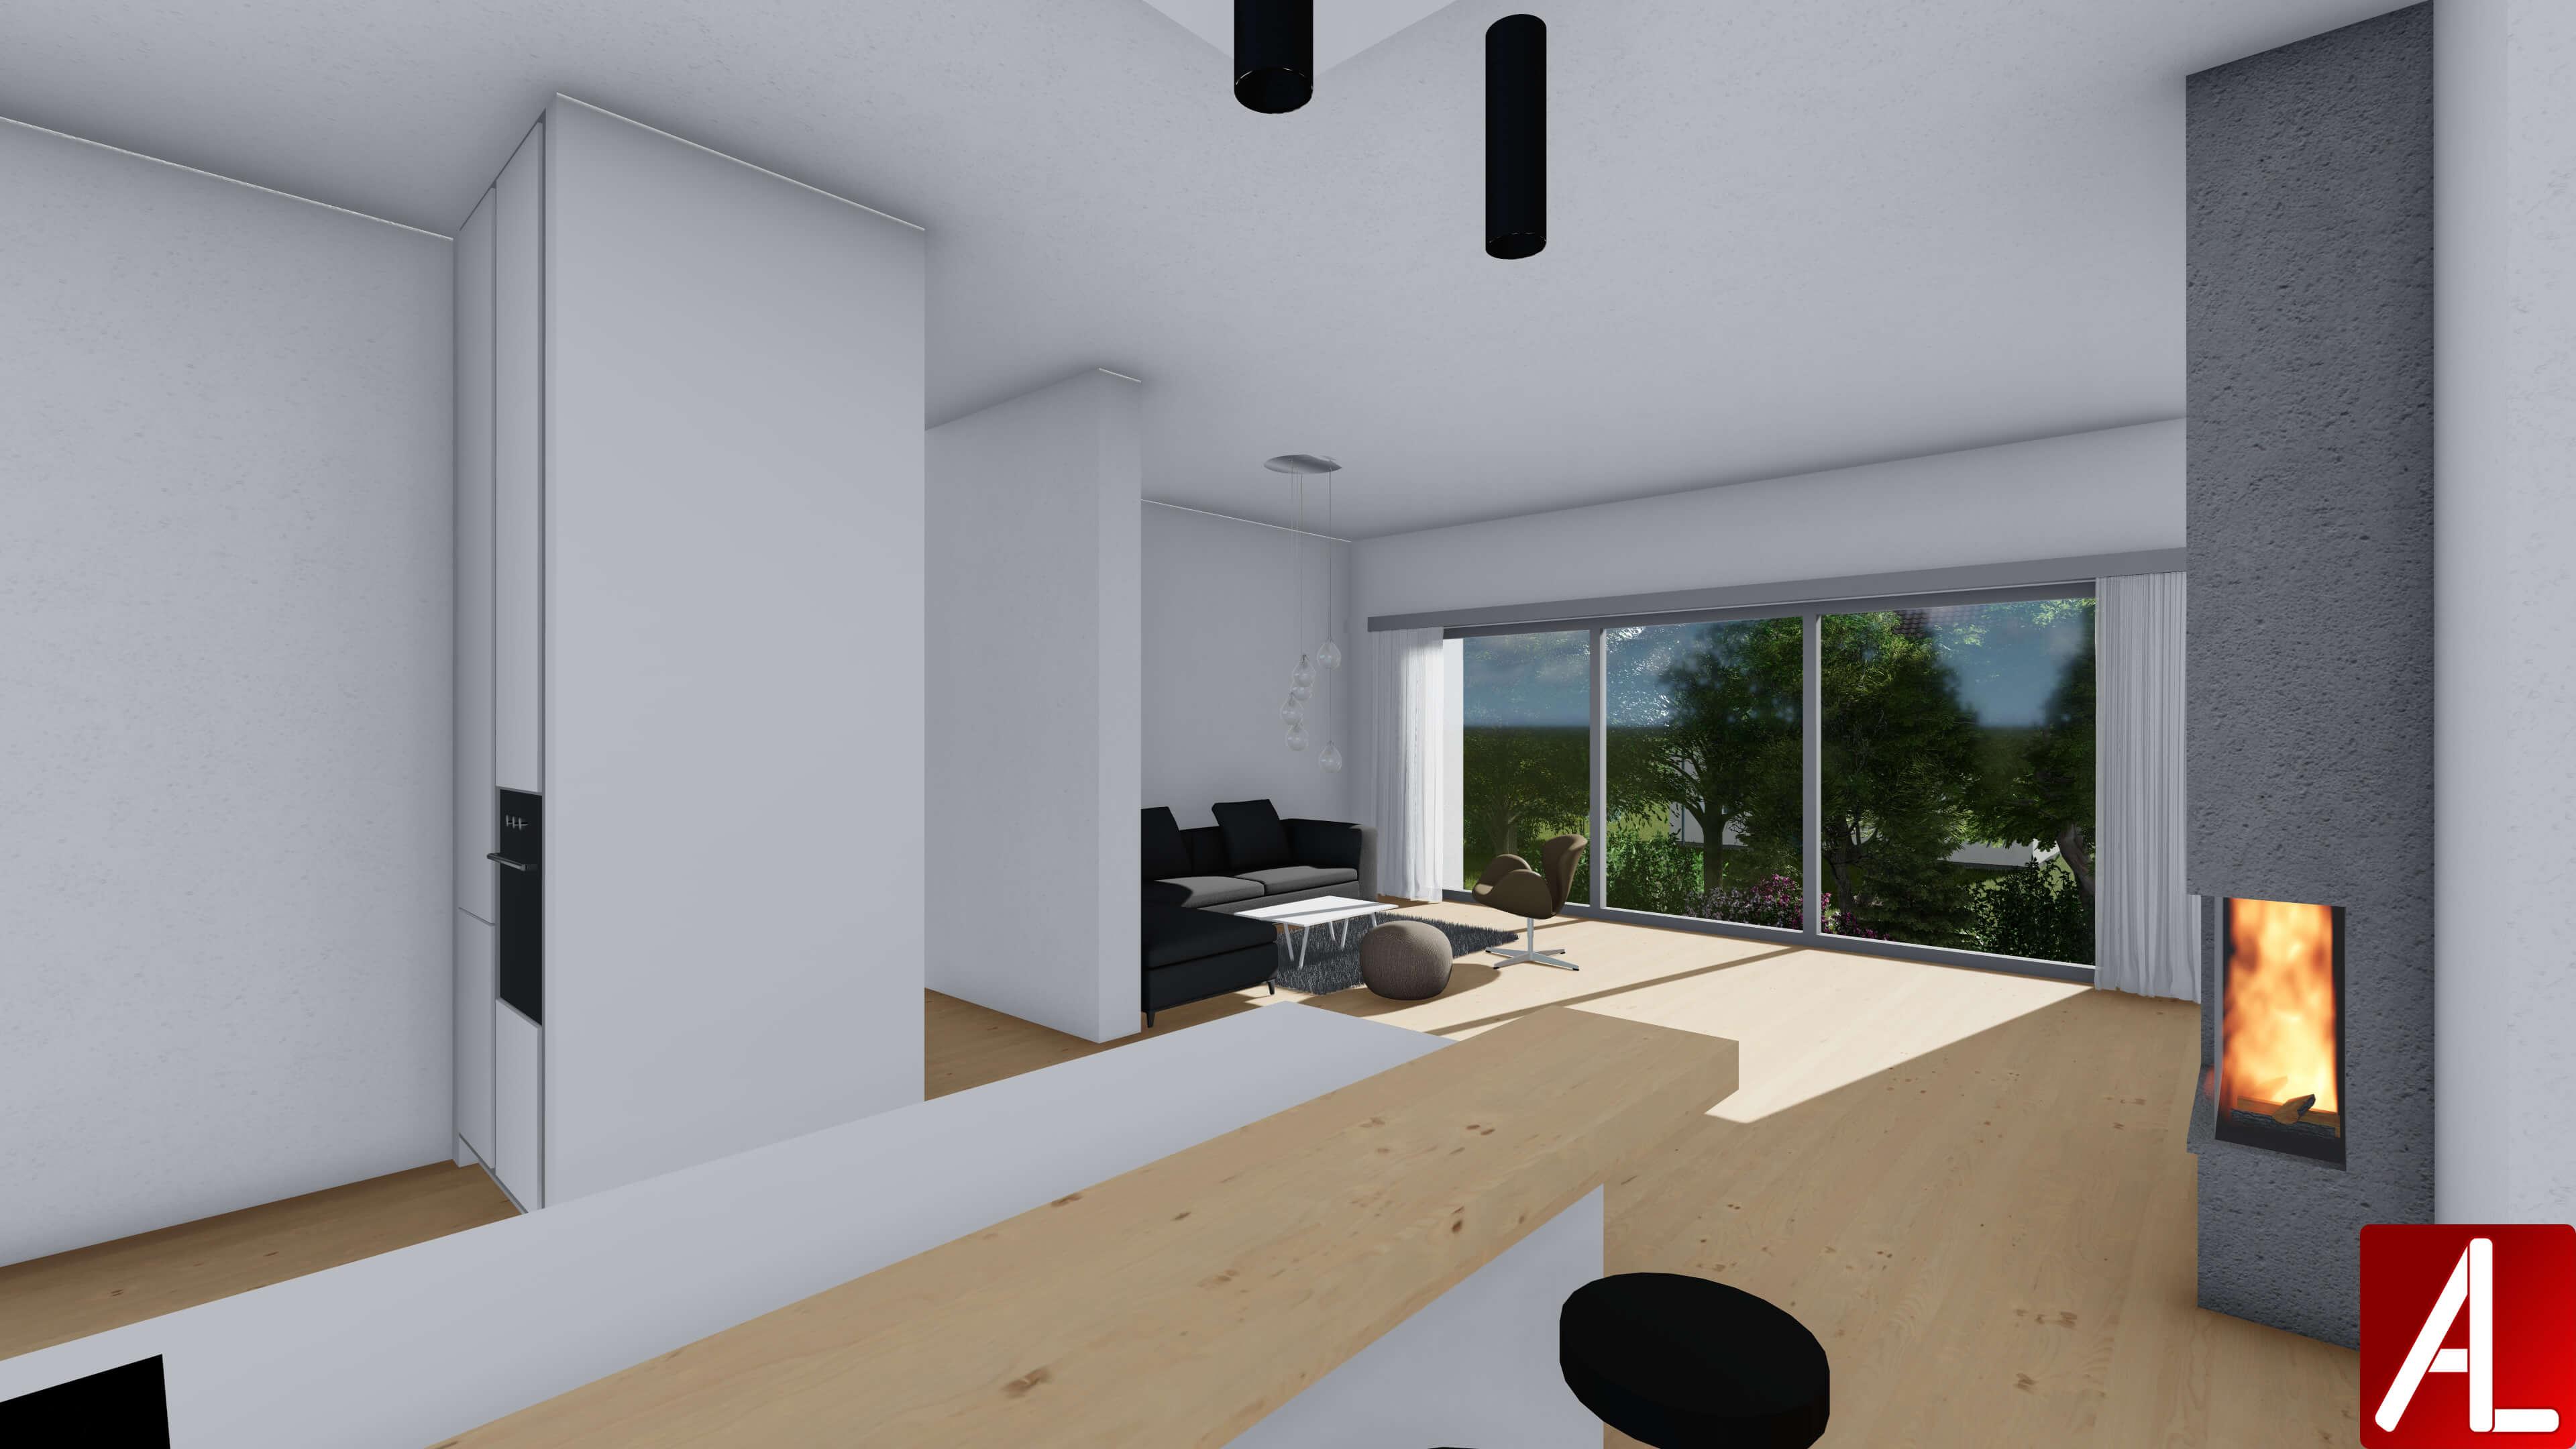 Innenarchitektur Konzeptgestaltung und Visualisierung ...